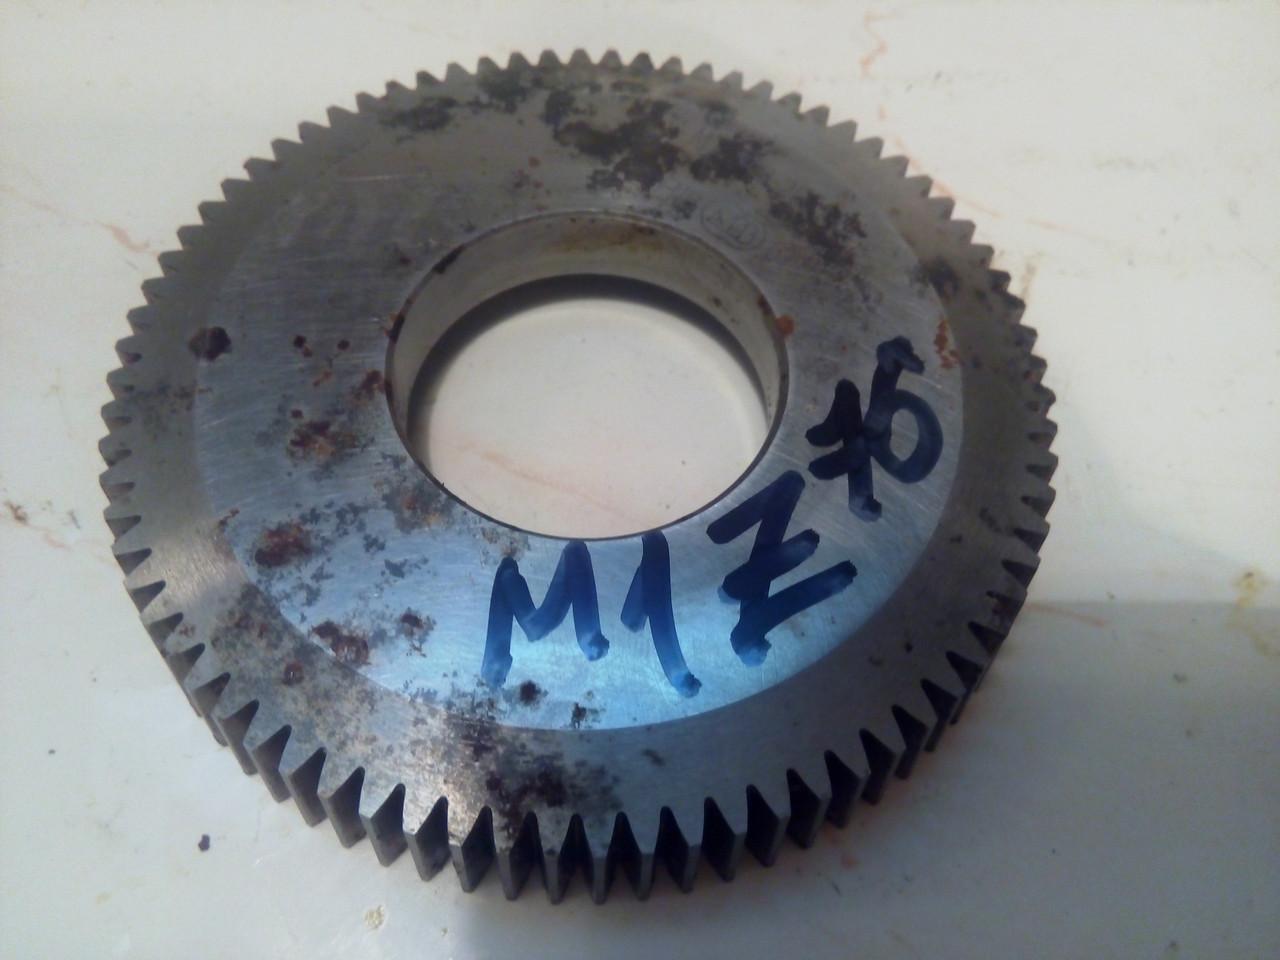 Долбяк дисковый М 1  z76 d20 град  P18